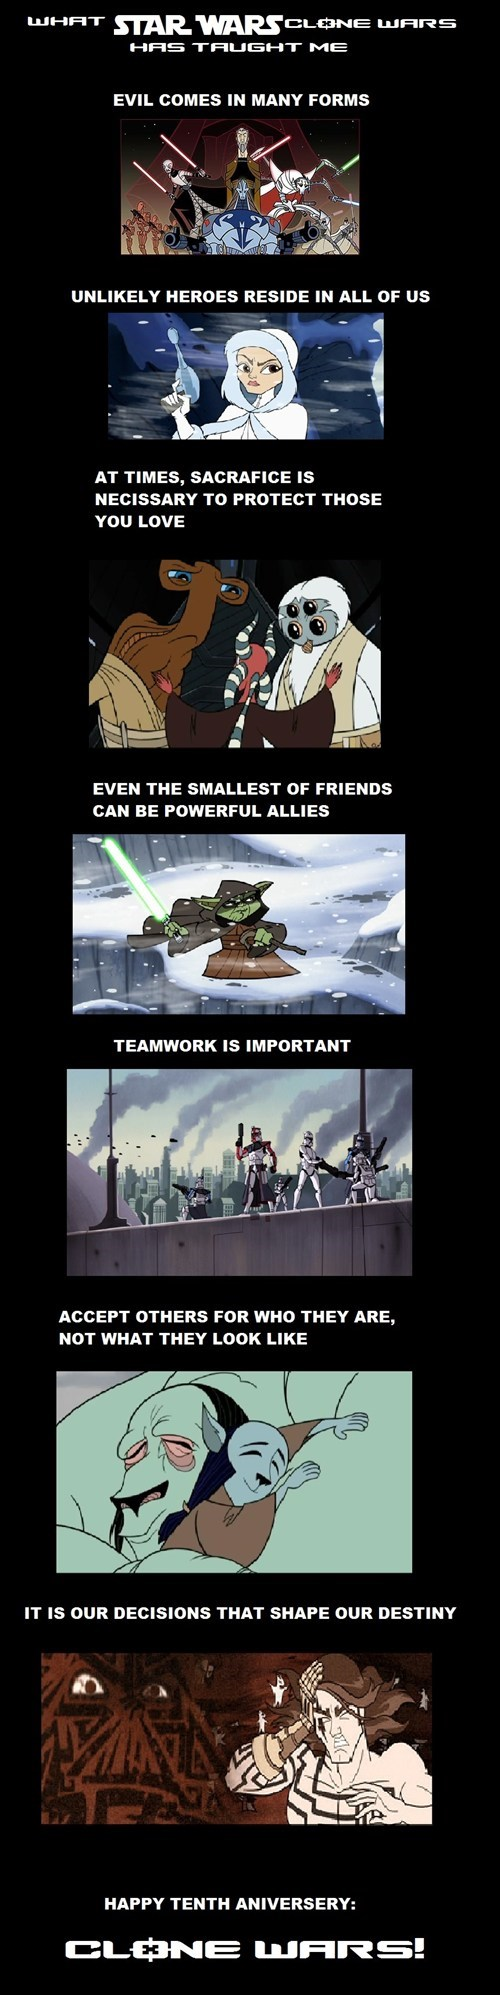 clone wars cartoons star wars - 7892820736